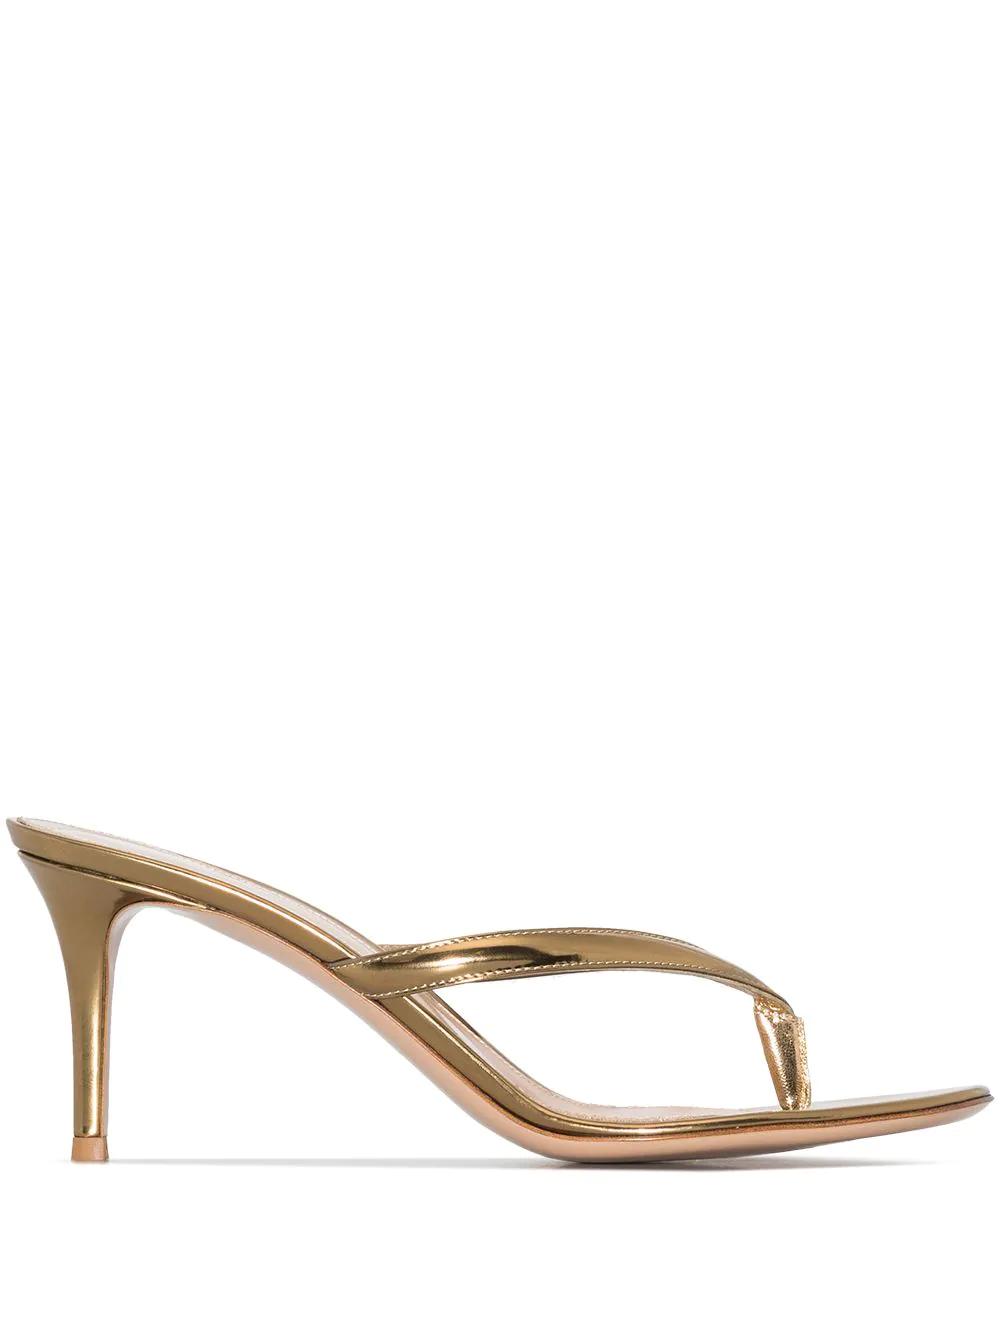 Gianvito Rossi Metallic Calypso 70mm Sandals 977лв